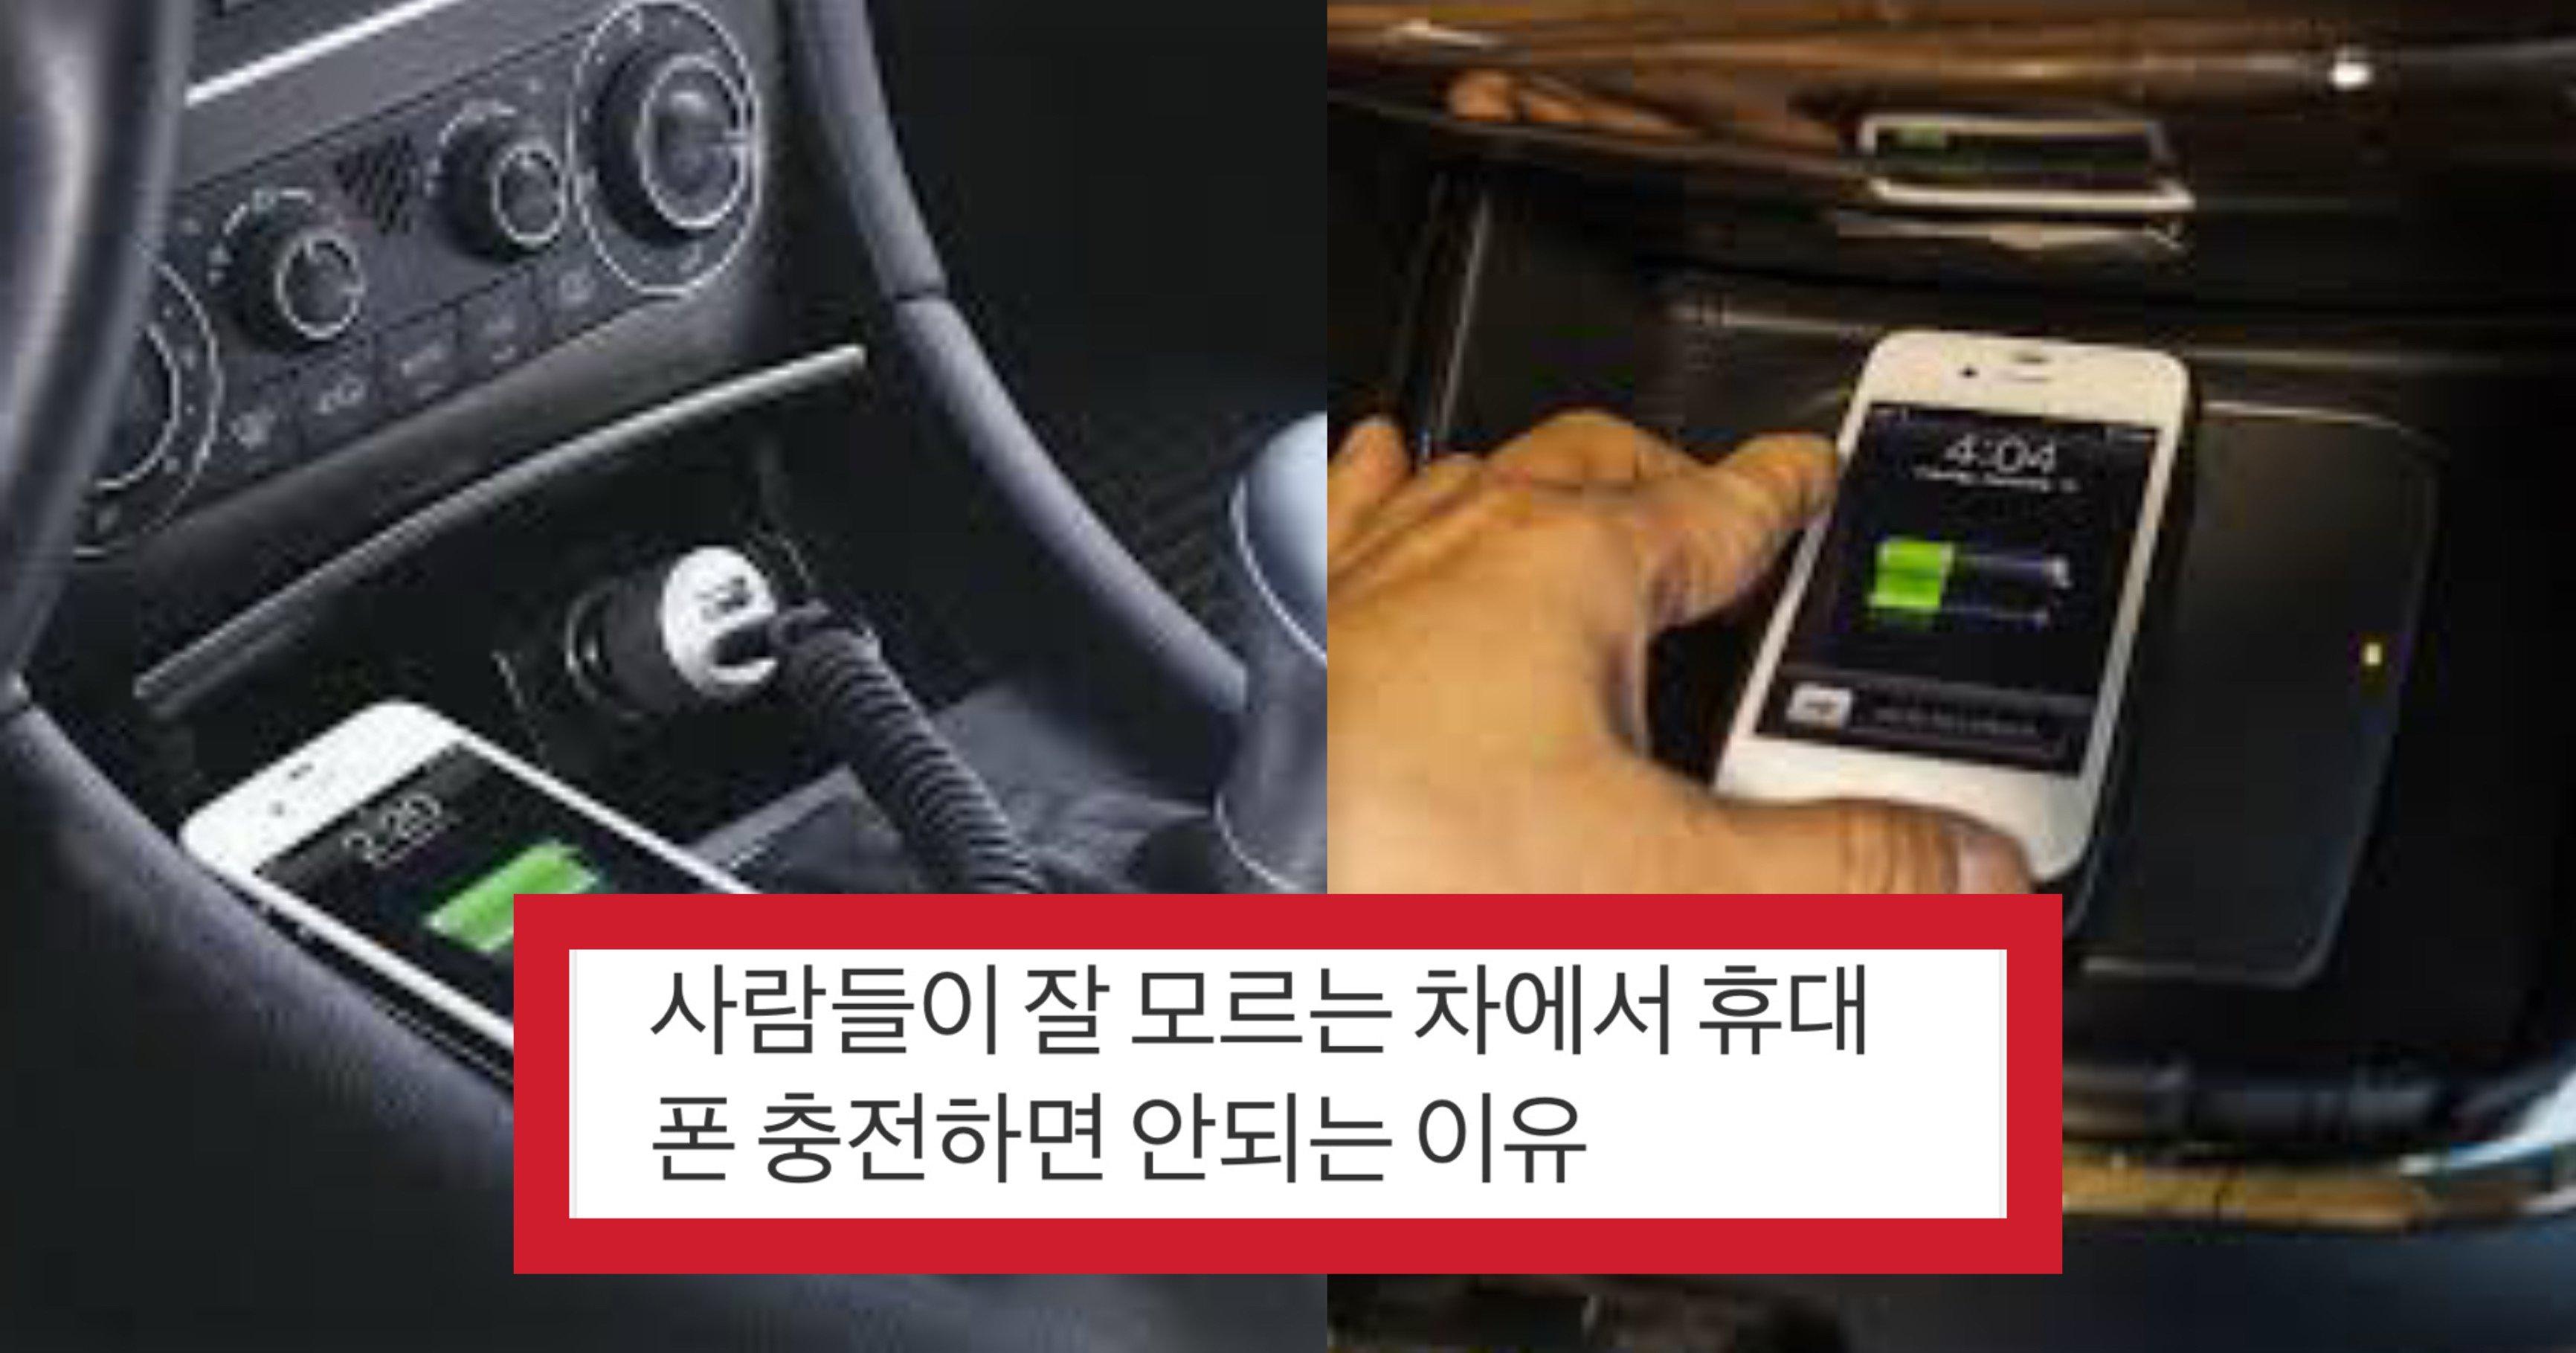 """406dda68 4534 4286 ab5d 7f2c8f9d33f7.jpeg?resize=412,232 - """"헐.. 나 이렇게 하는데""""..사람들이 잘 모르는 차에서 휴대폰 충전하면 절대로 안되는 이유"""